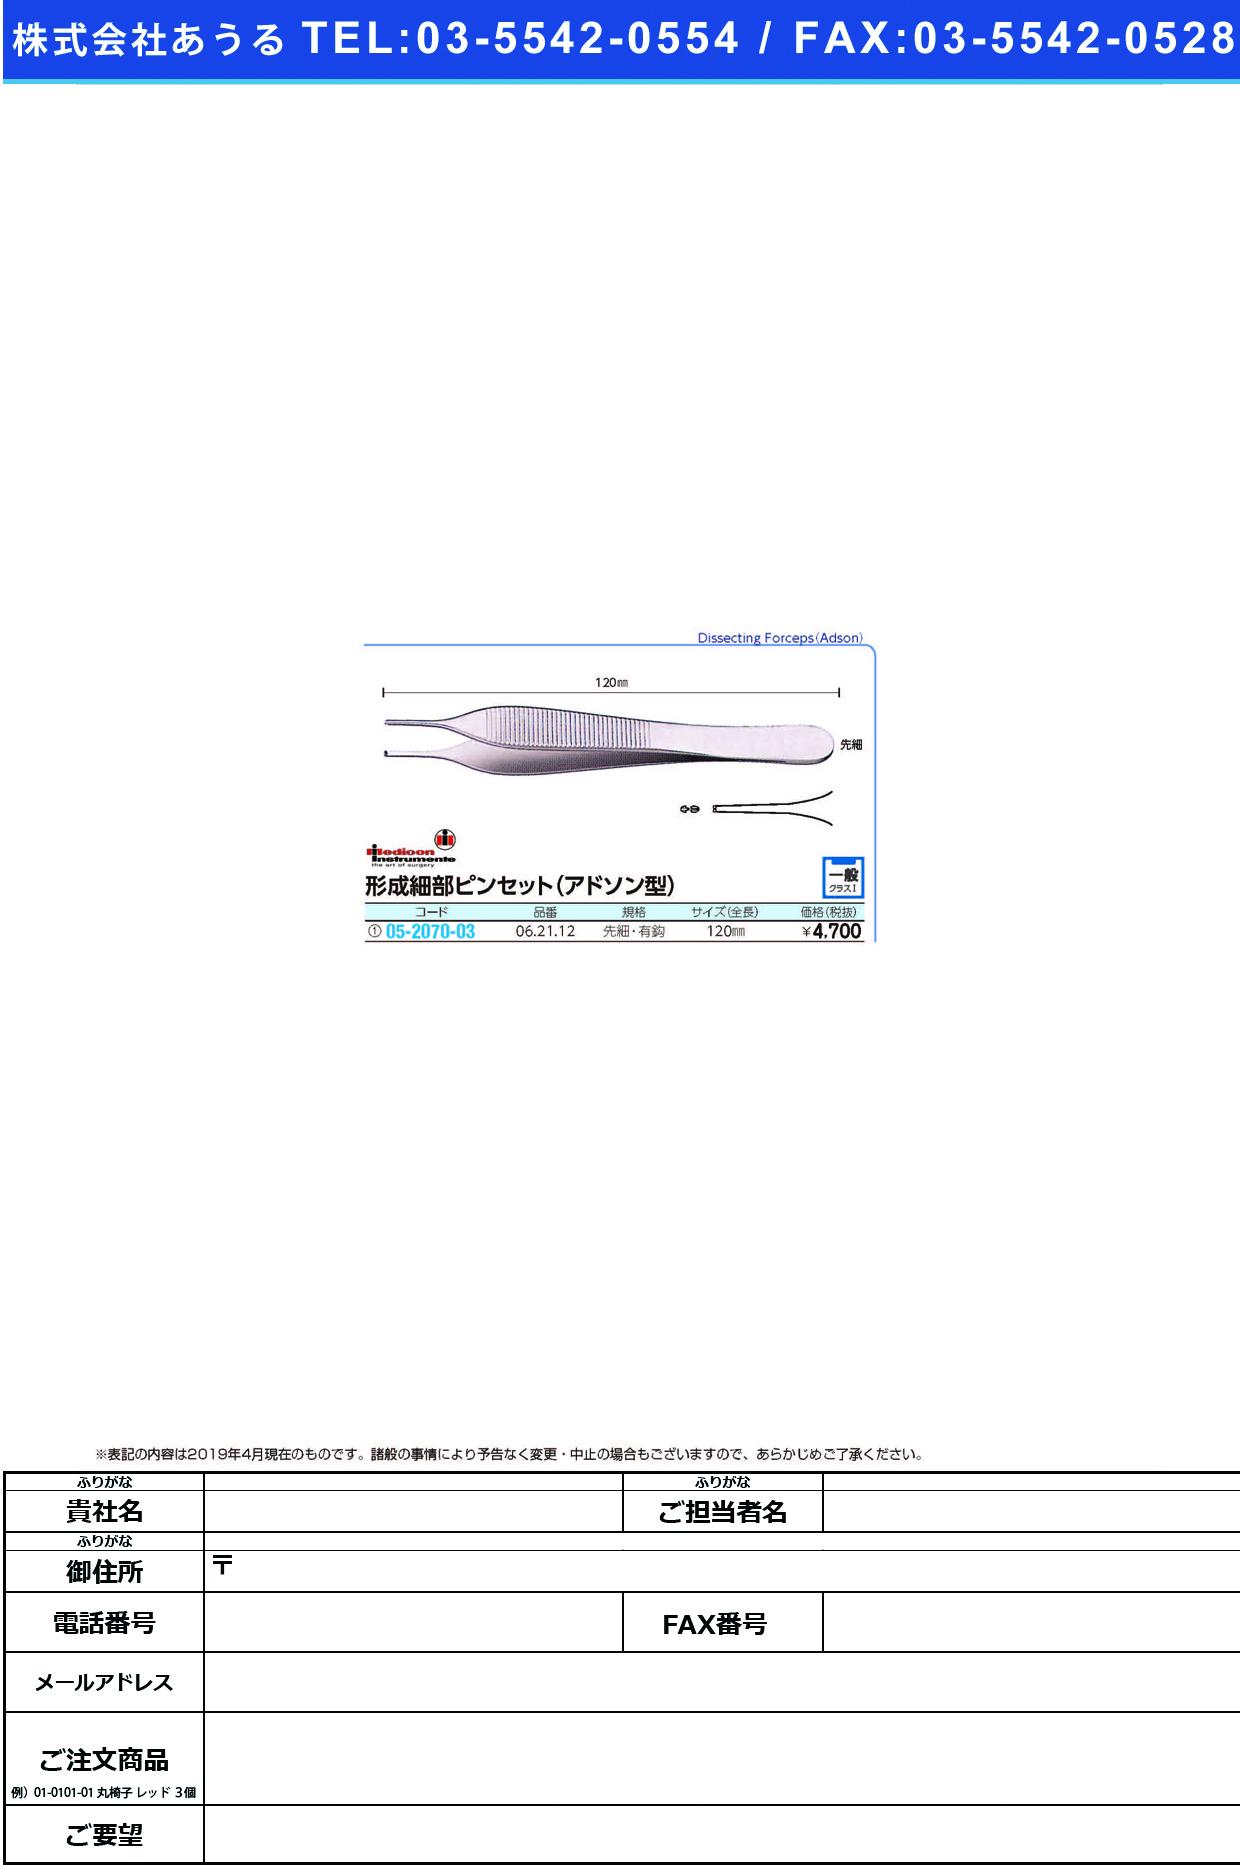 メディコンピンセット(アドソン)有鈎 06.21.12(サキボソ) ピンセット(アドソン)ユウコウ